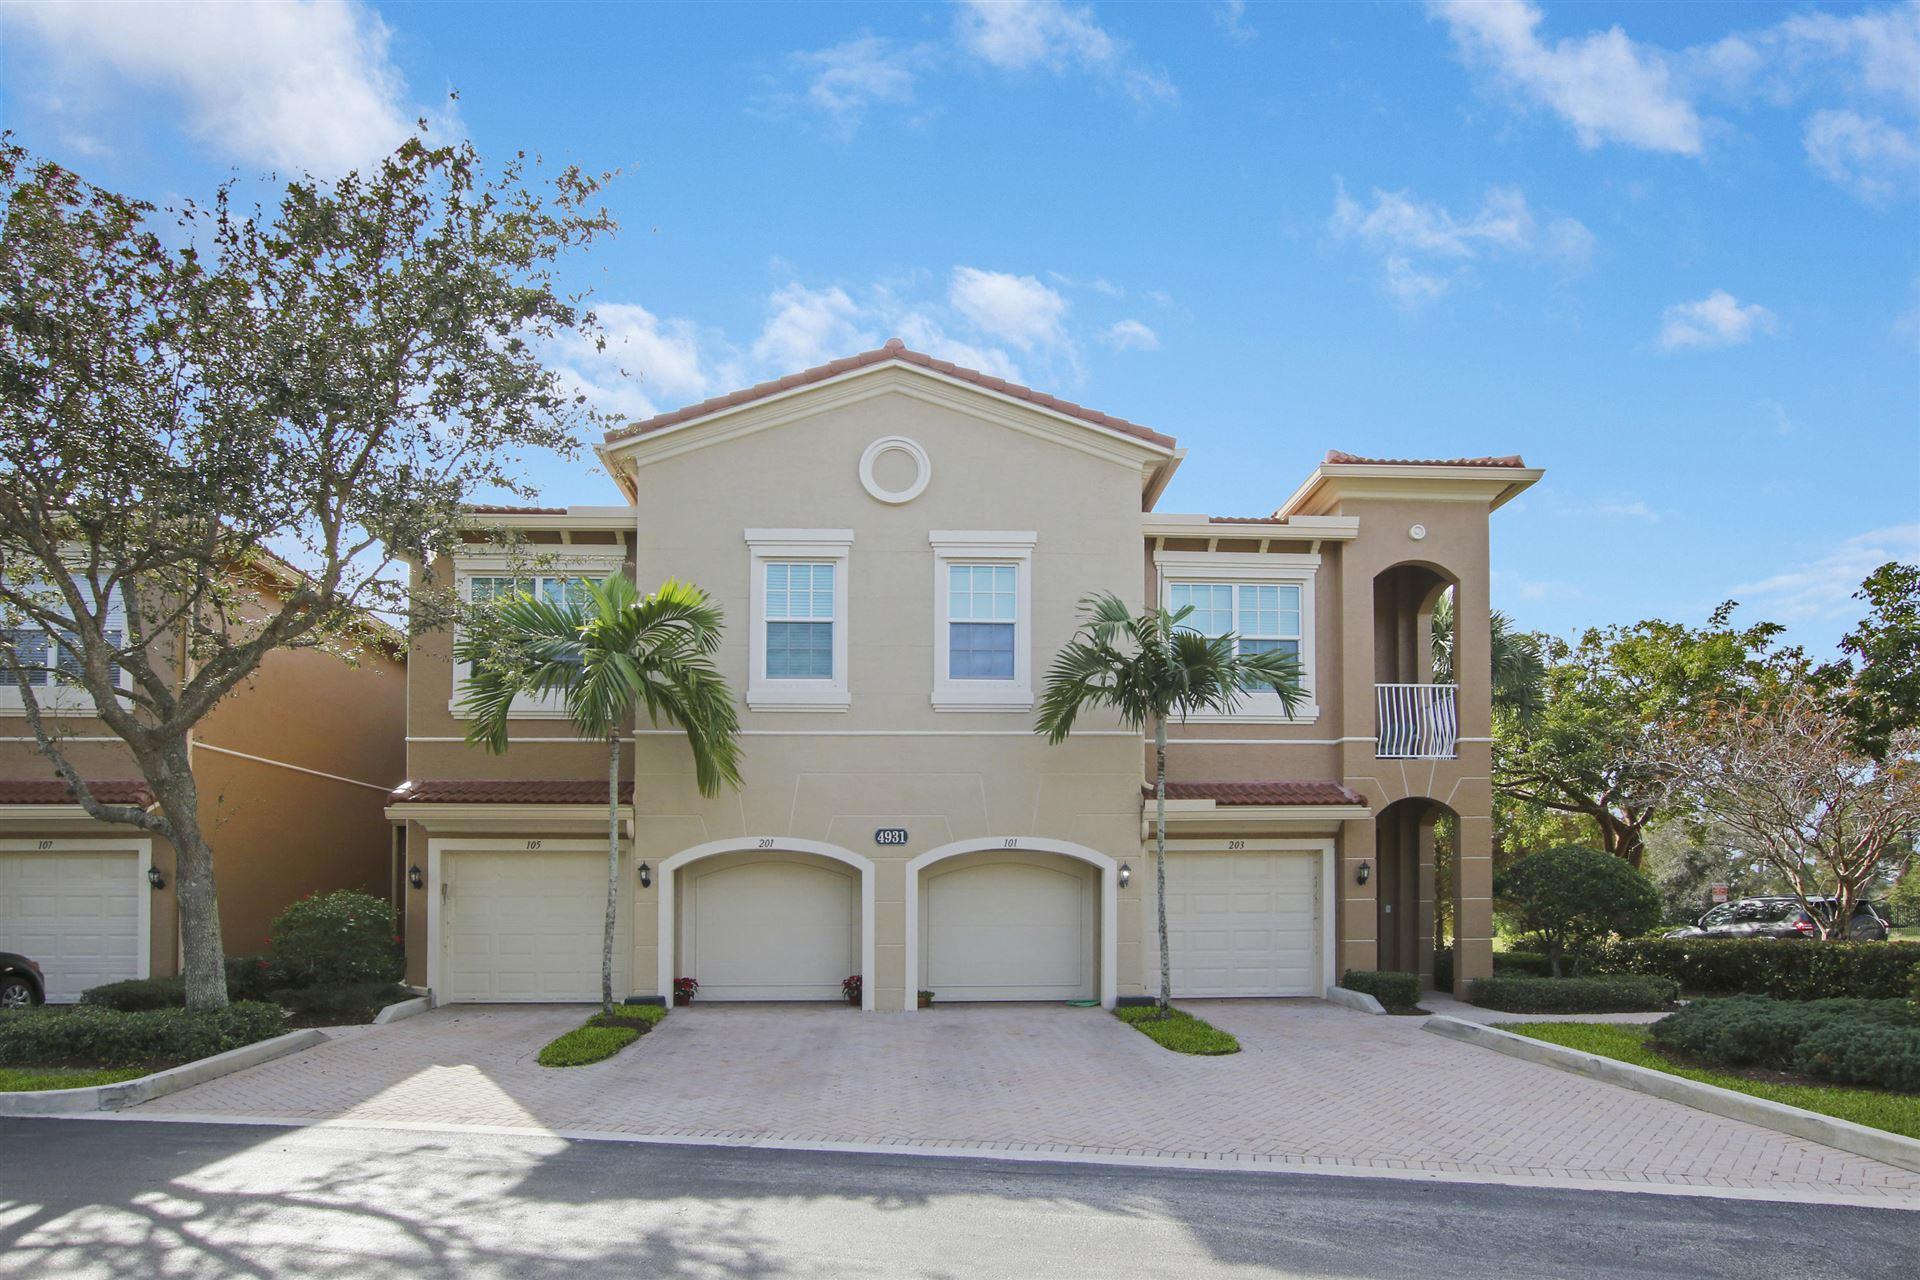 Photo of 4931 Bonsai Circle #201, Palm Beach Gardens, FL 33418 (MLS # RX-10685593)